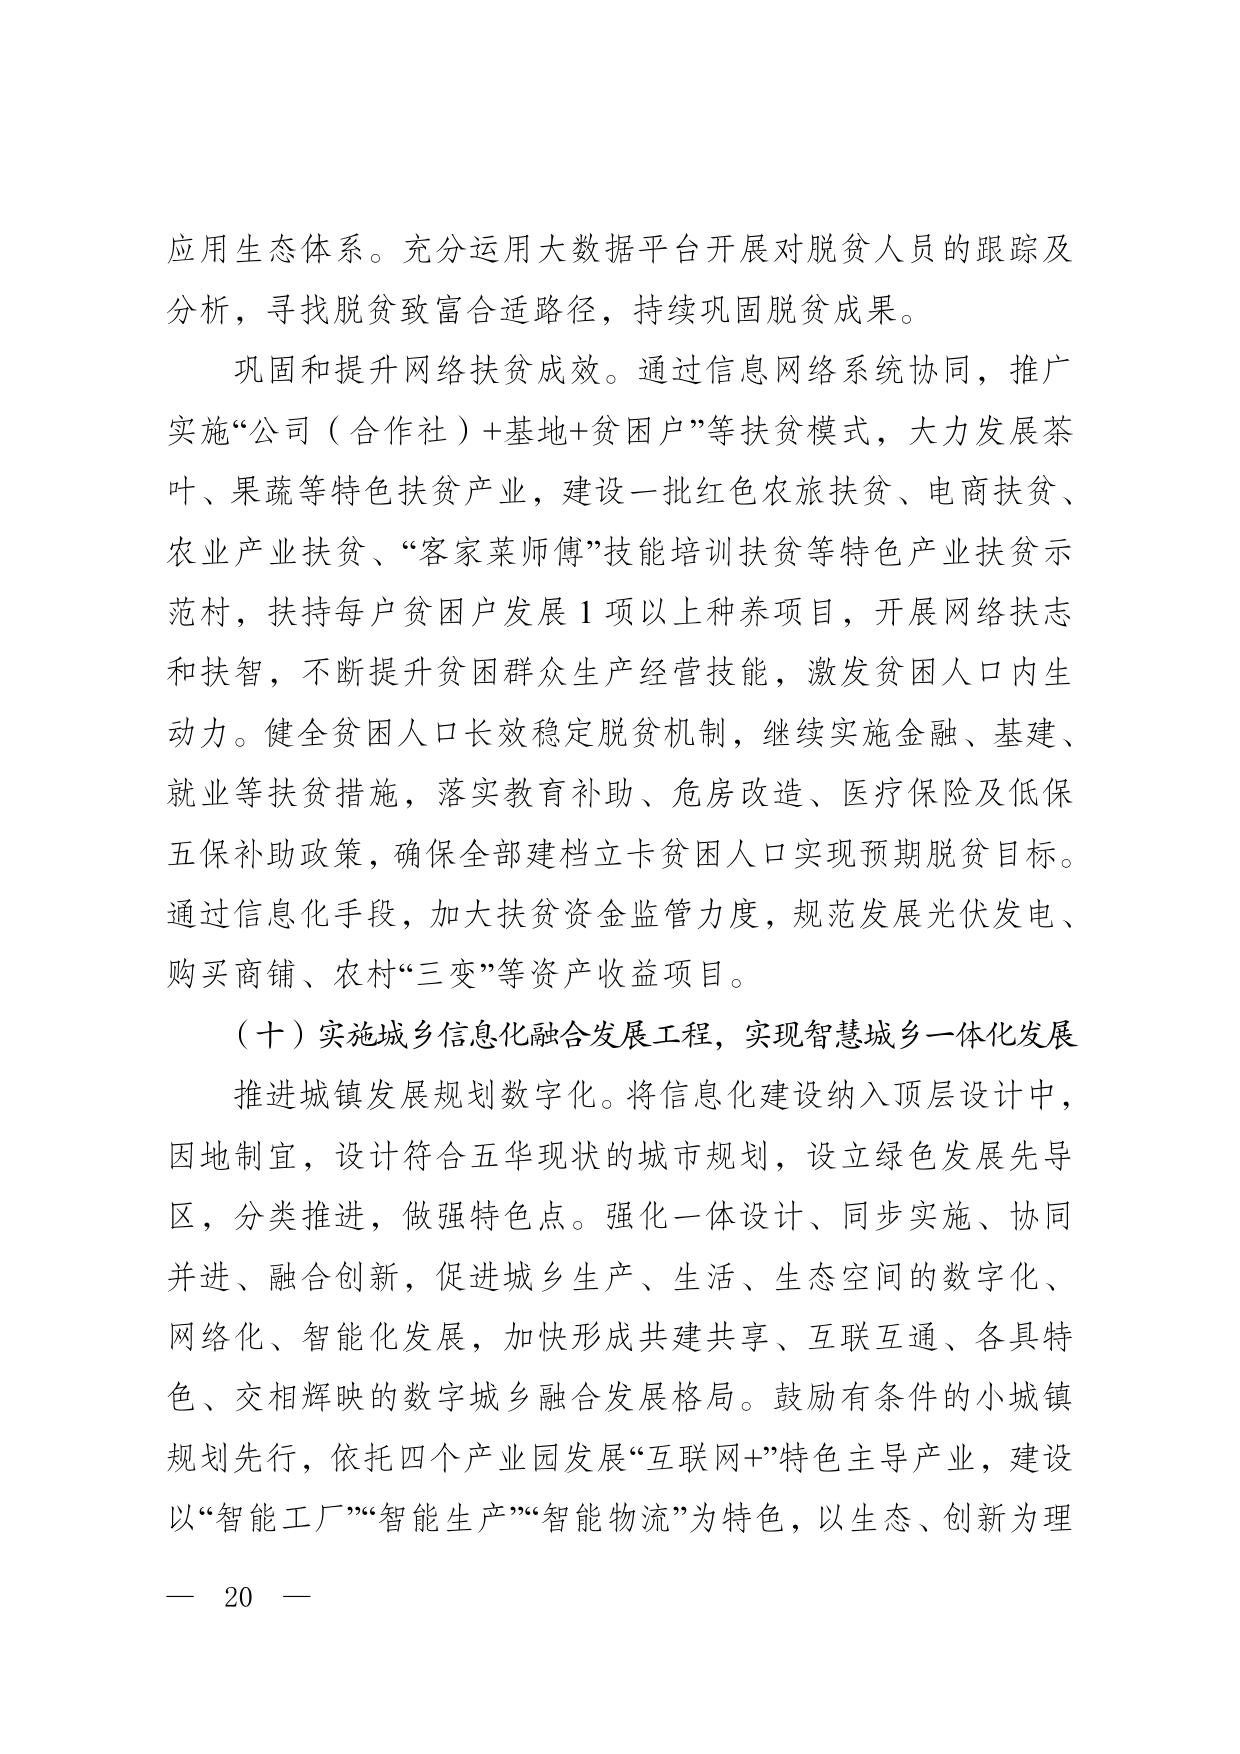 华办函〔2020〕5号关于印发《五华县数字乡村发展总体规划(2020—2025年)》的通知0019.jpg